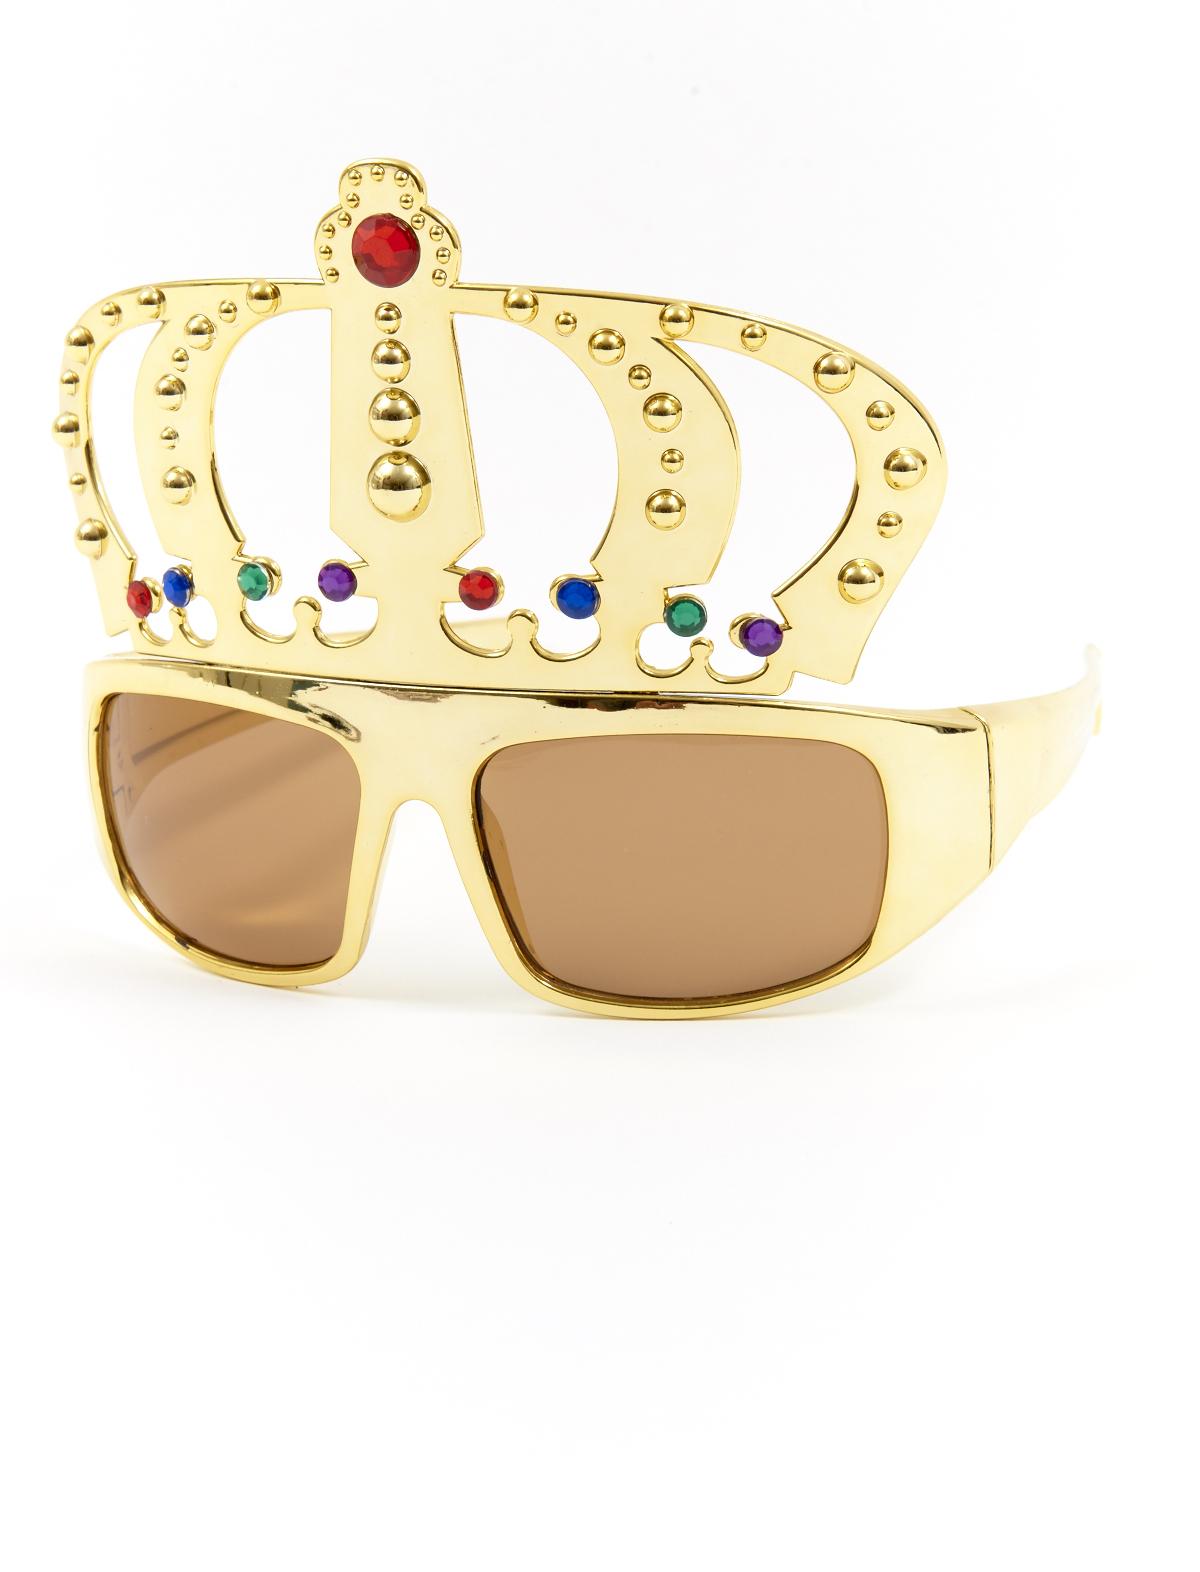 Brille Krone gold